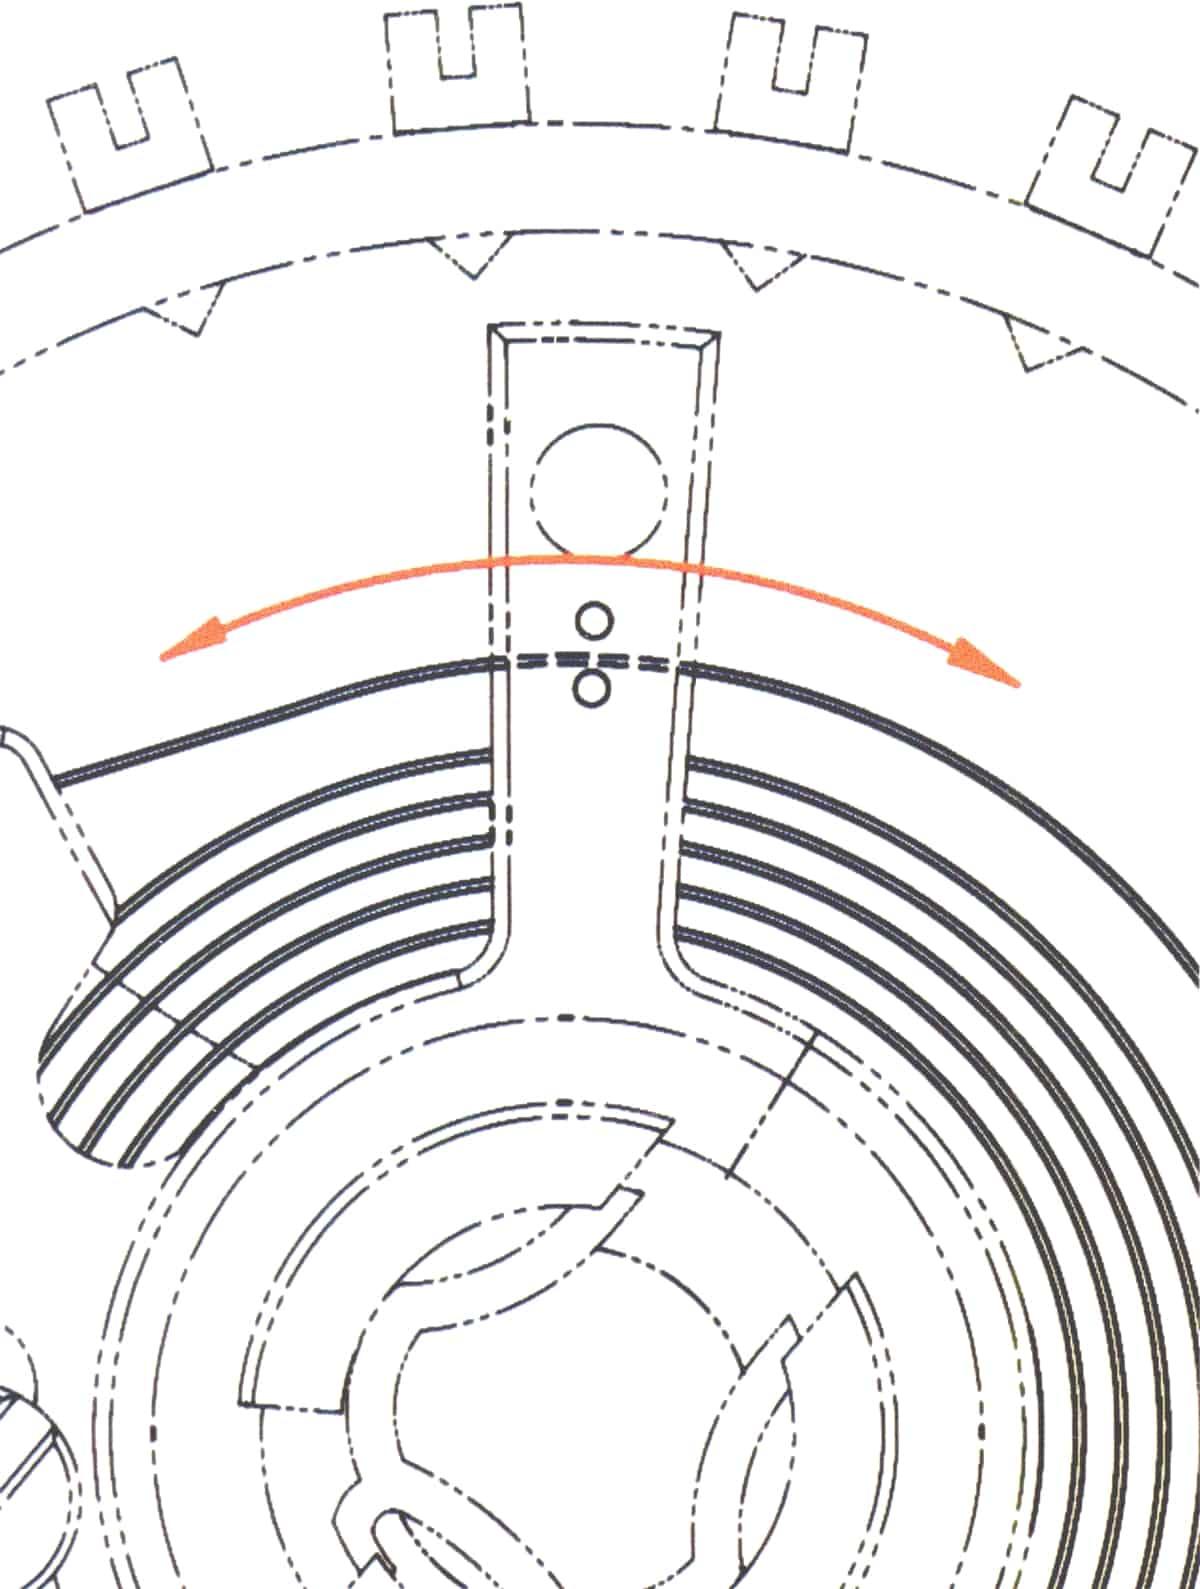 Das Rückersystem eines mechanischen Uhrwerks